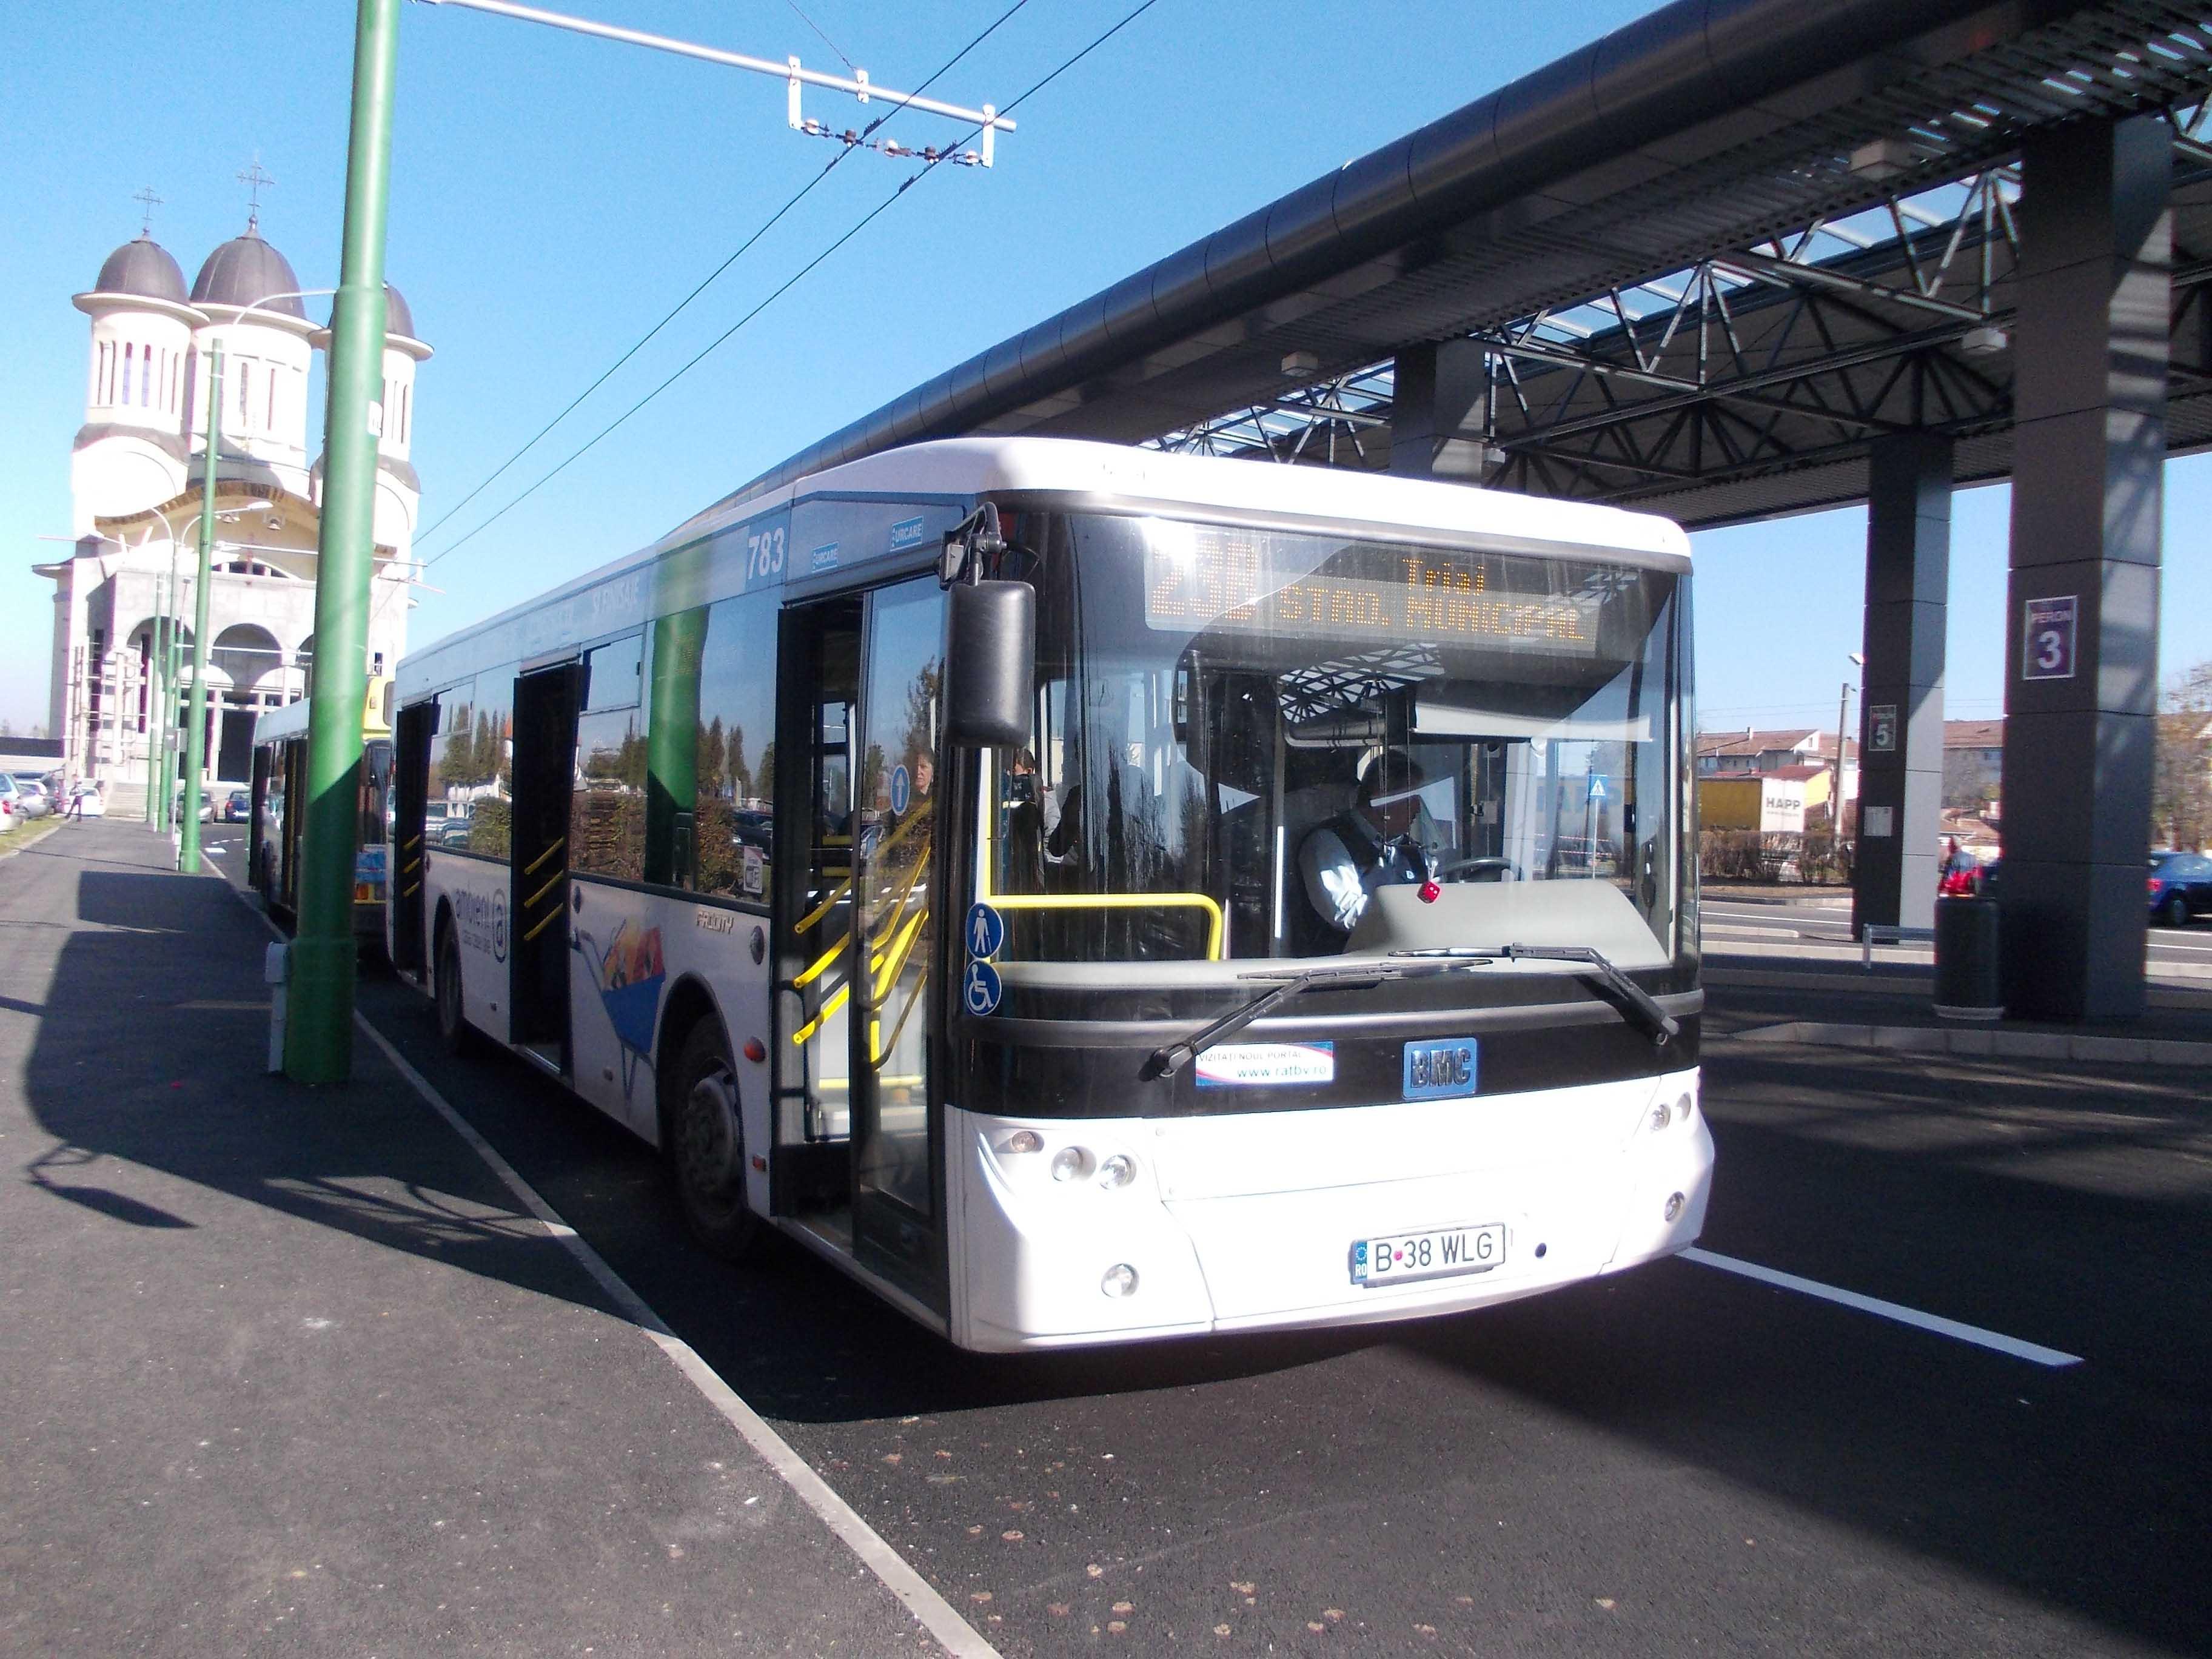 Linia 15 își prelungește traseul până în Avantgarden Bartolomeu. Cartierul va avea astfel legătură directă cu Tractorul, Coresi și Triaj